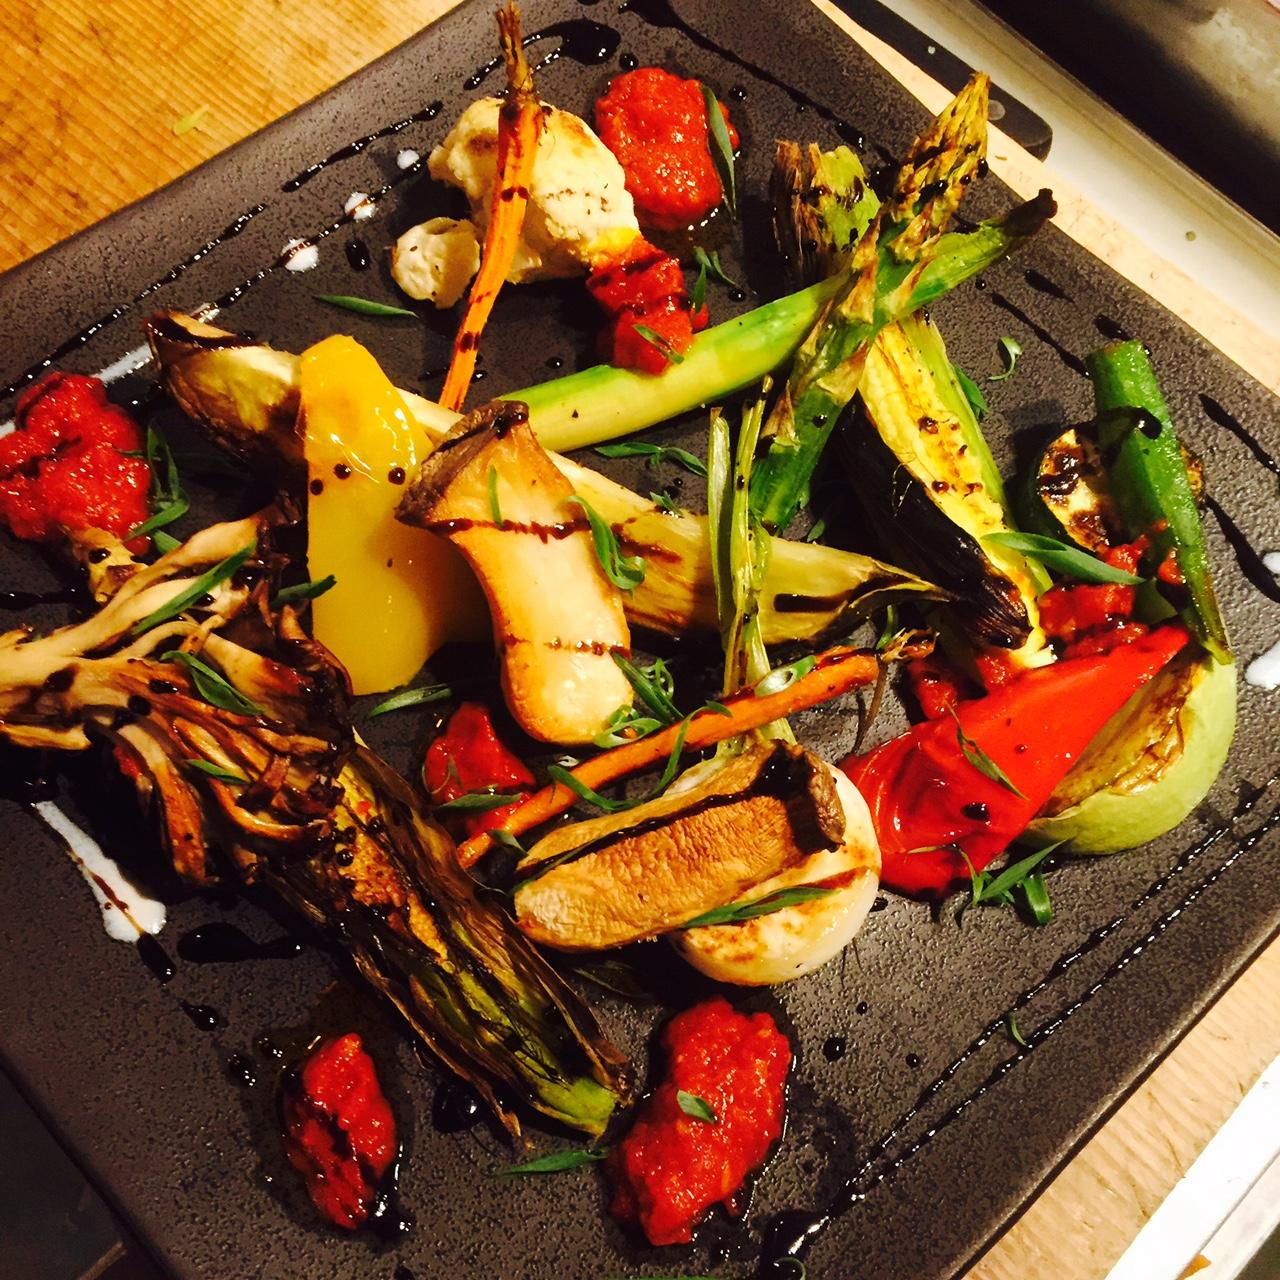 産直いろいろ焼き野菜の盛り合わせ バルサミコ風味